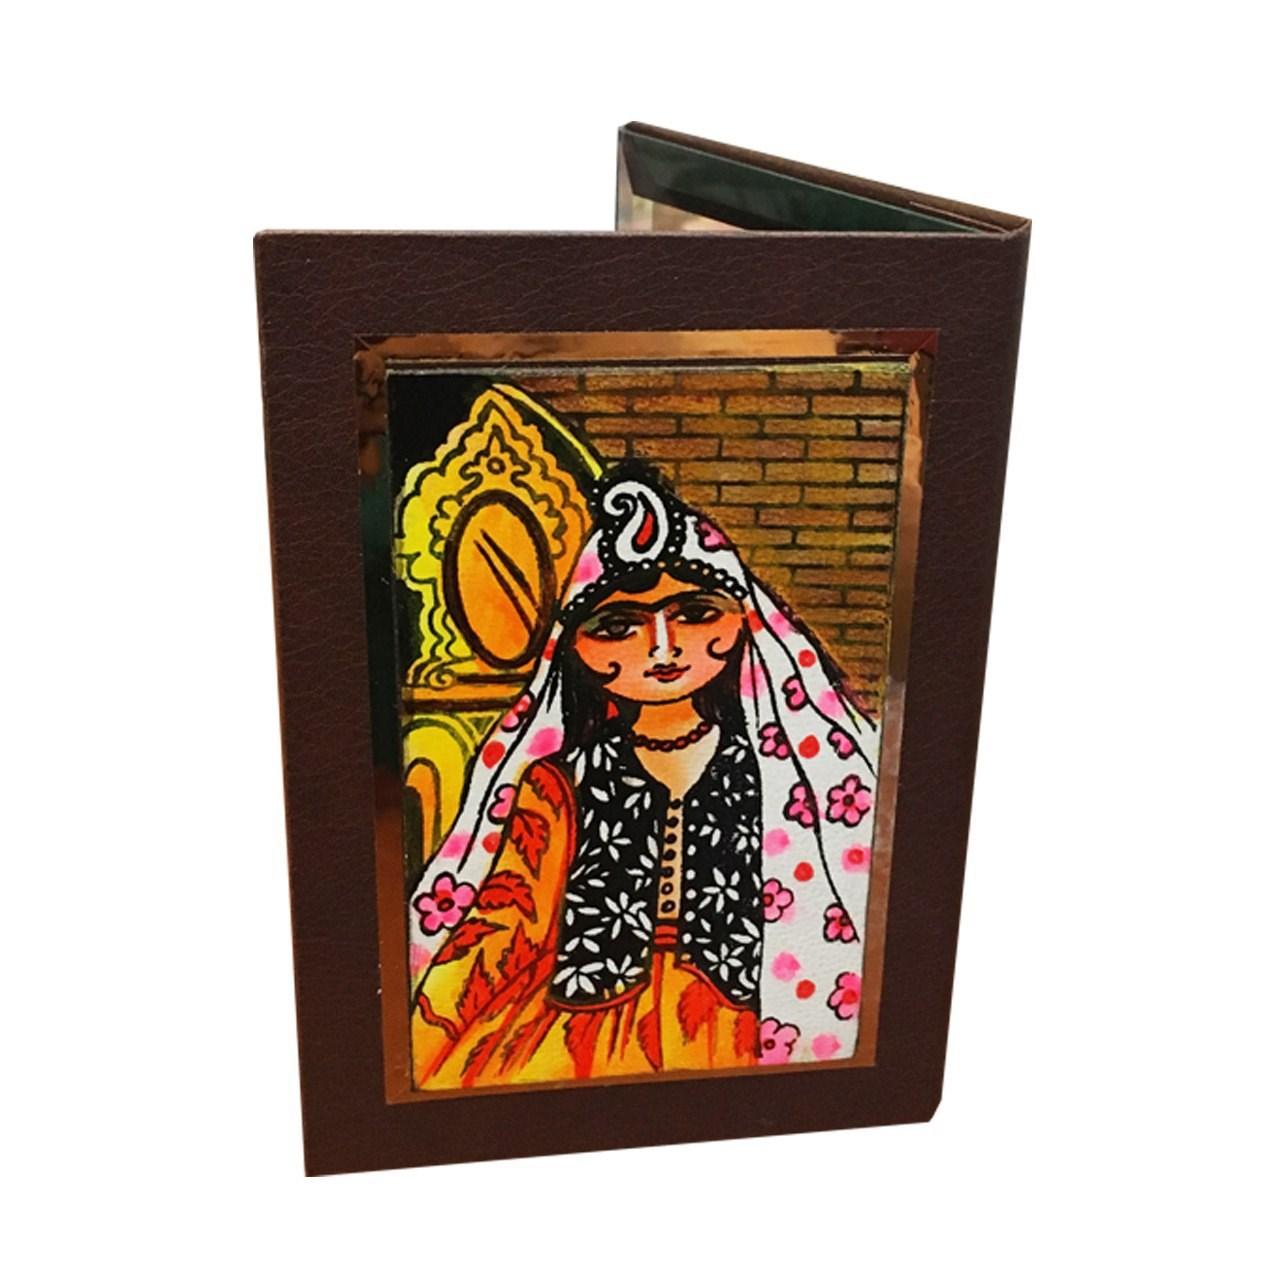 قیمت آینه جیبی چرمی گالری نفیس کد nz1